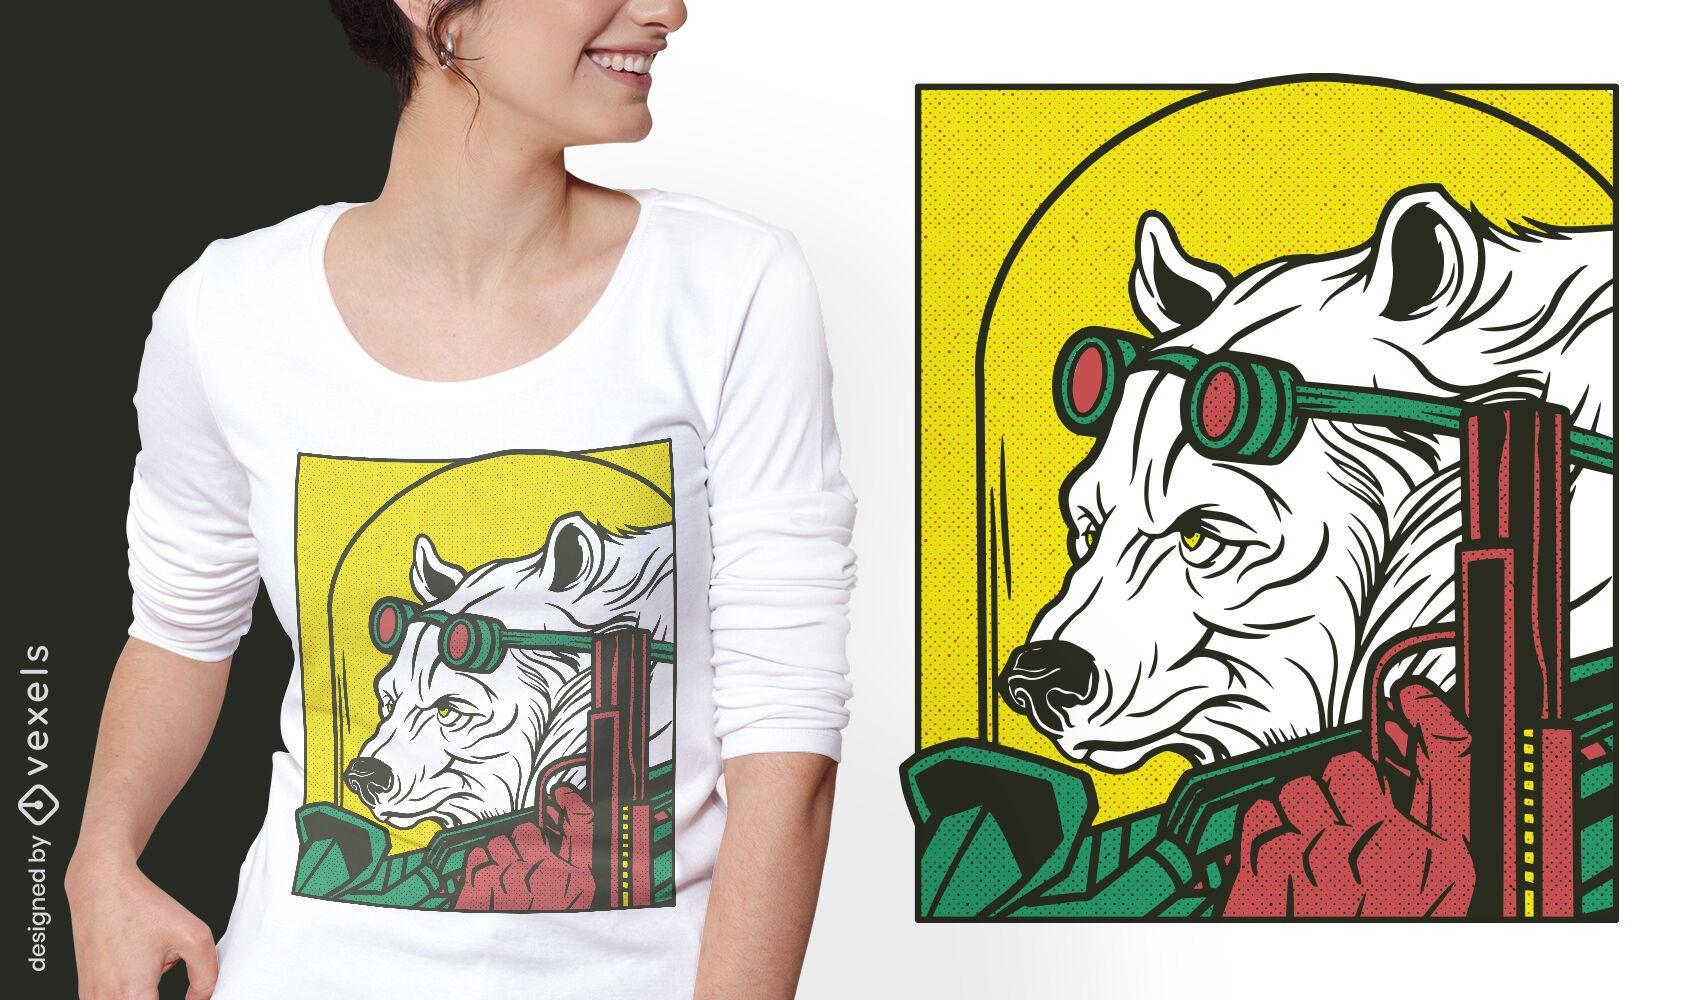 Mafia bear animal comic t-shirt design